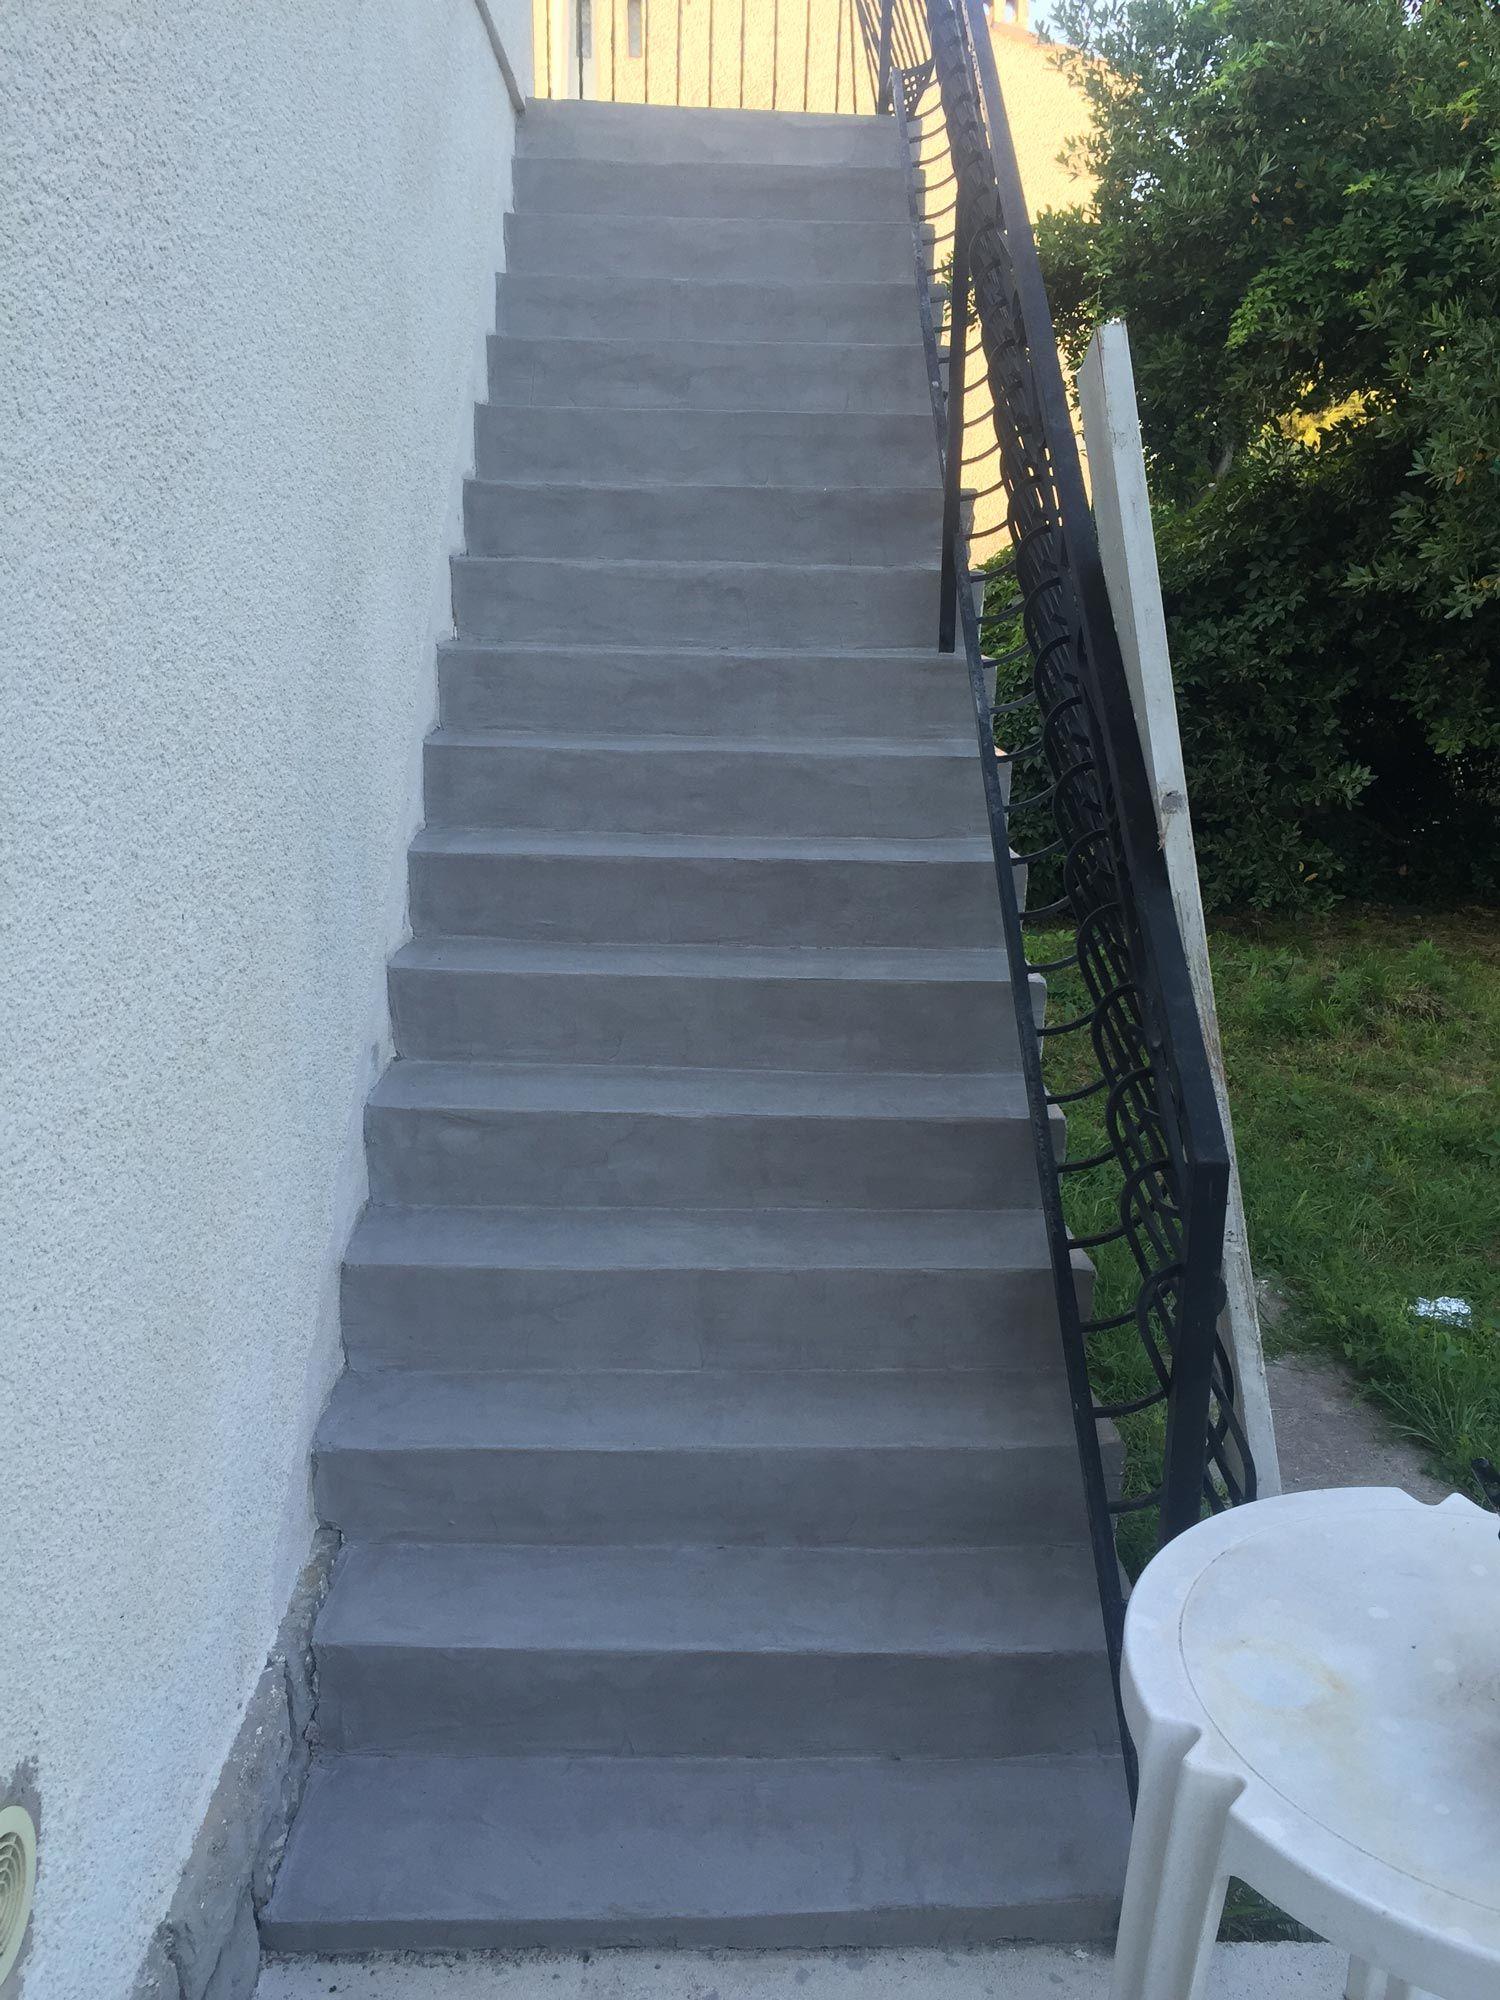 Renovation D Un Escalier D Exterieur Avec Beton Mineral Exterieur Coloris Pierre De Lun Renover Escalier Exterieur Escalier Exterieur Beton Escalier Exterieur